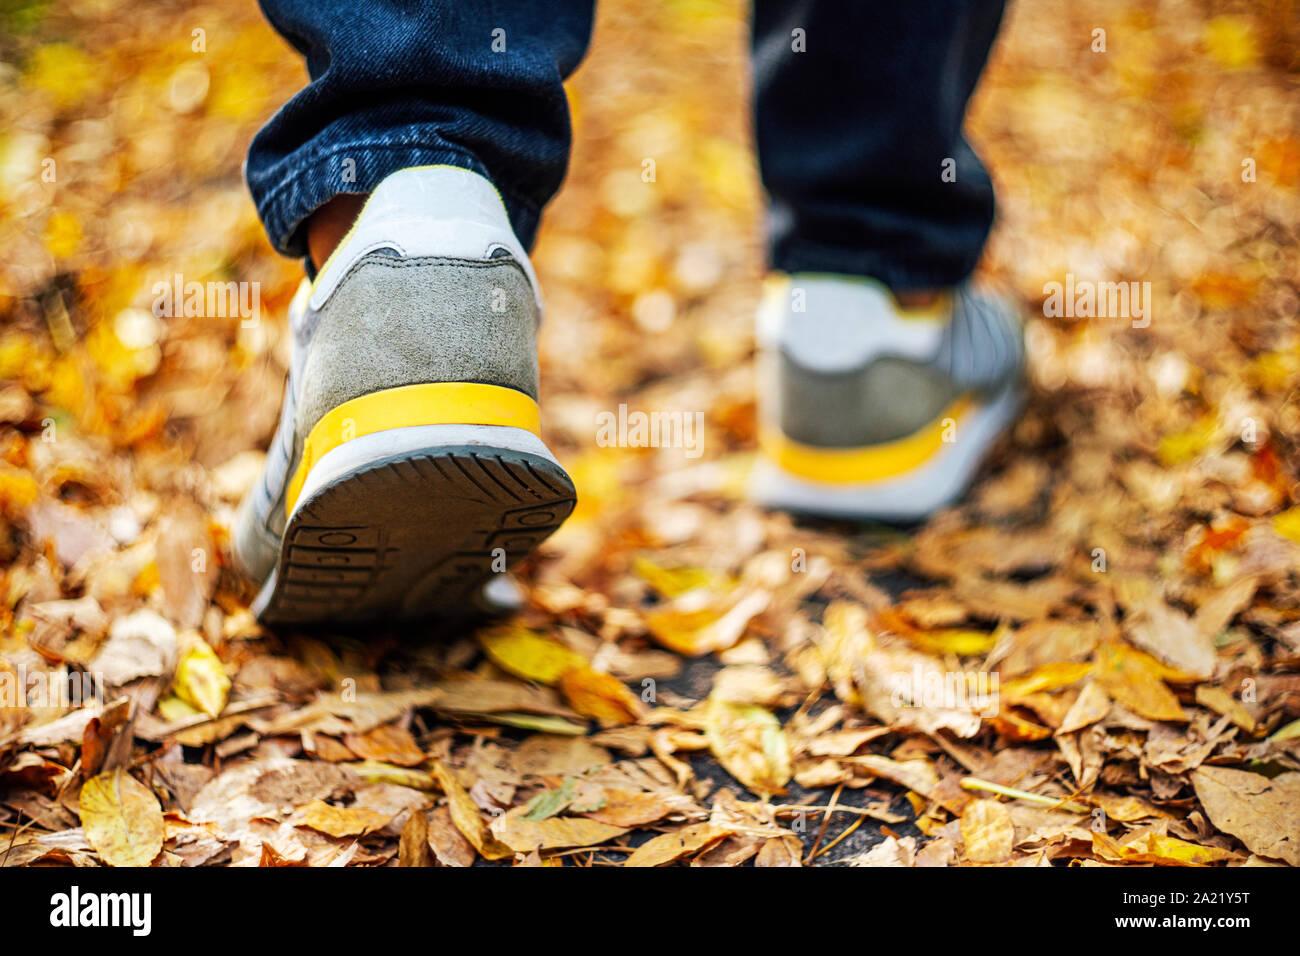 Caminar sobre el pavimento en otoño. Vista posterior de los pies de un hombre que camina por la acera con follaje caído. El clima de otoño en blanco vacío abstracto backgro Foto de stock